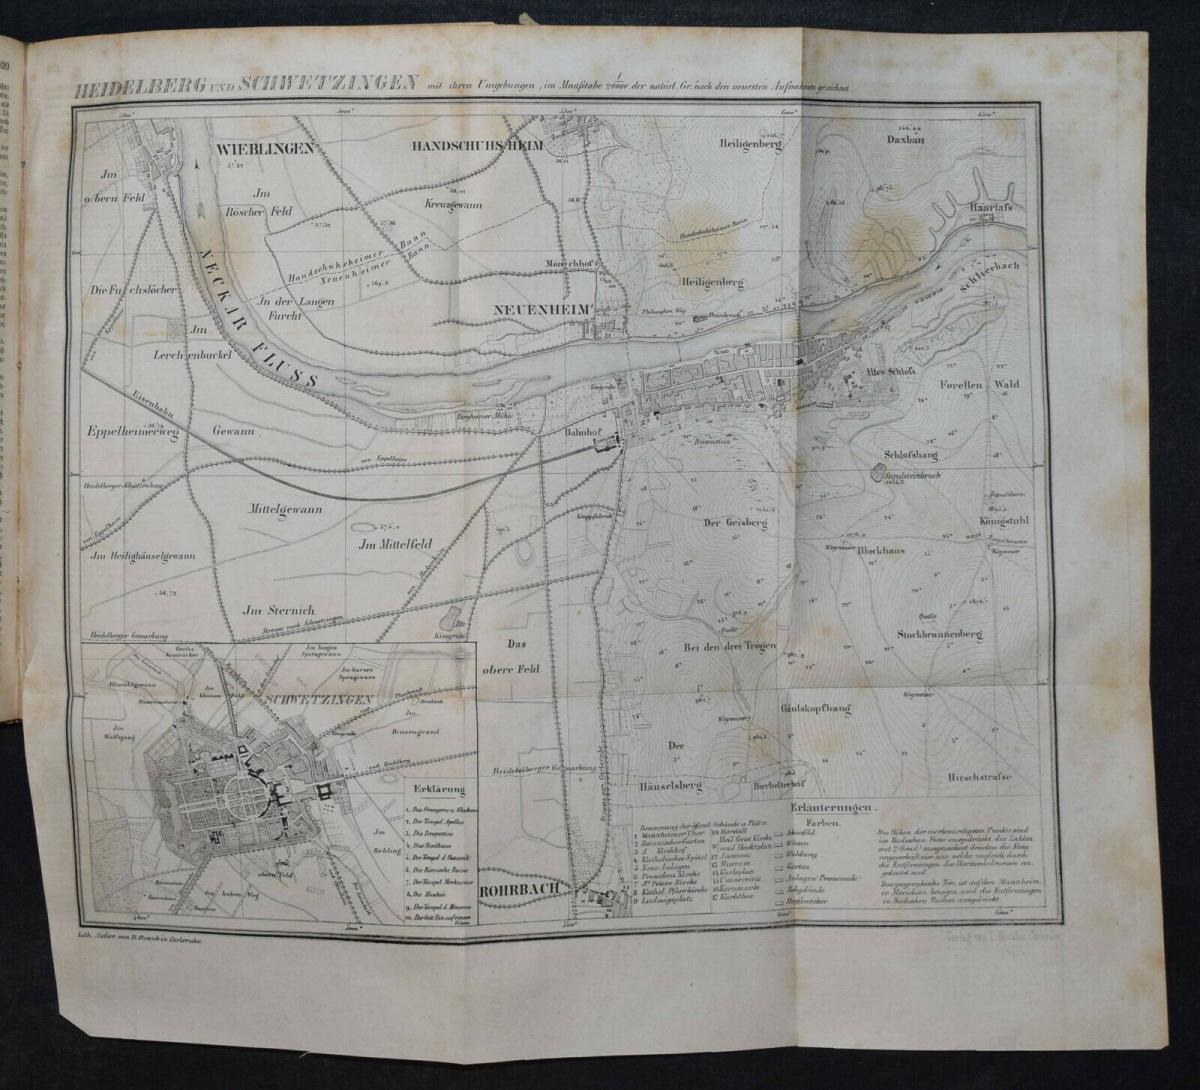 UNIVERSAL-LEXIKON VOM GROSSHERZOGTHUM BADEN - 1844 - HUHN - TRACHTEN - BADENIA 8